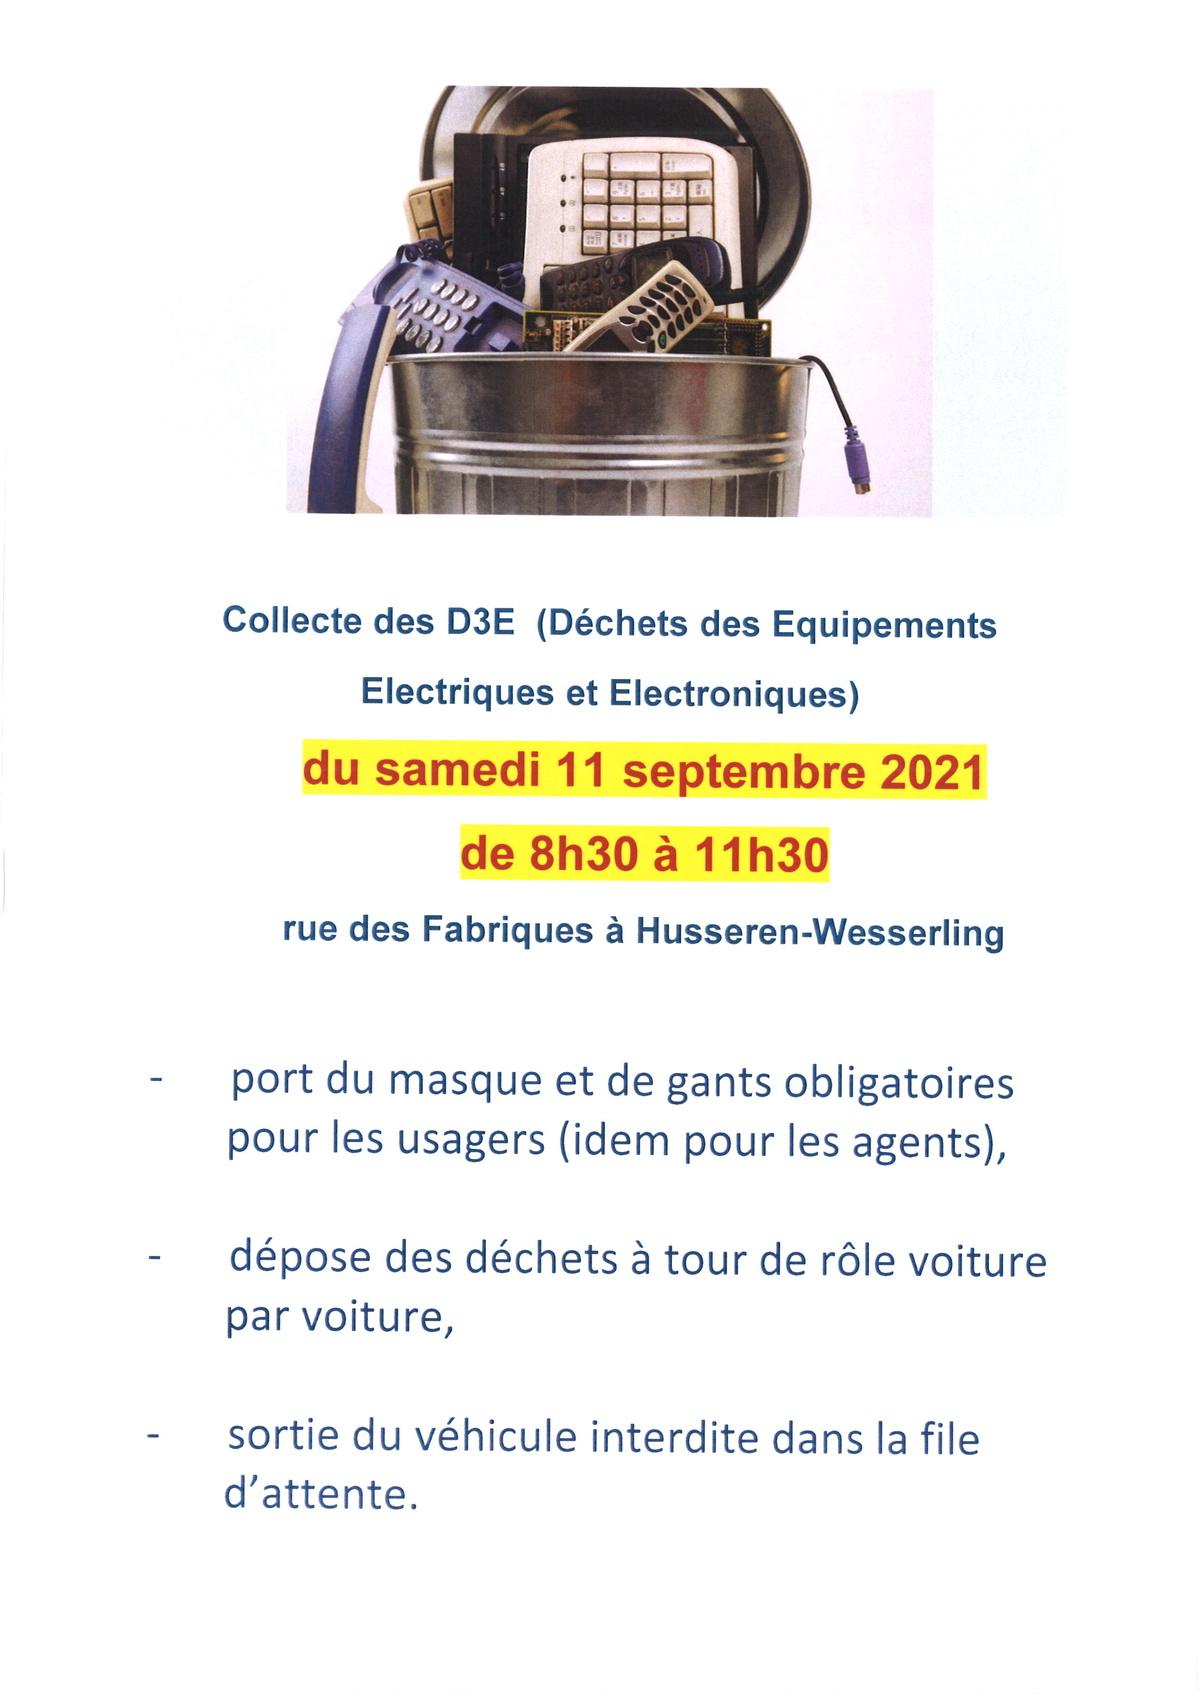 11 septembre - Collecte des D3E